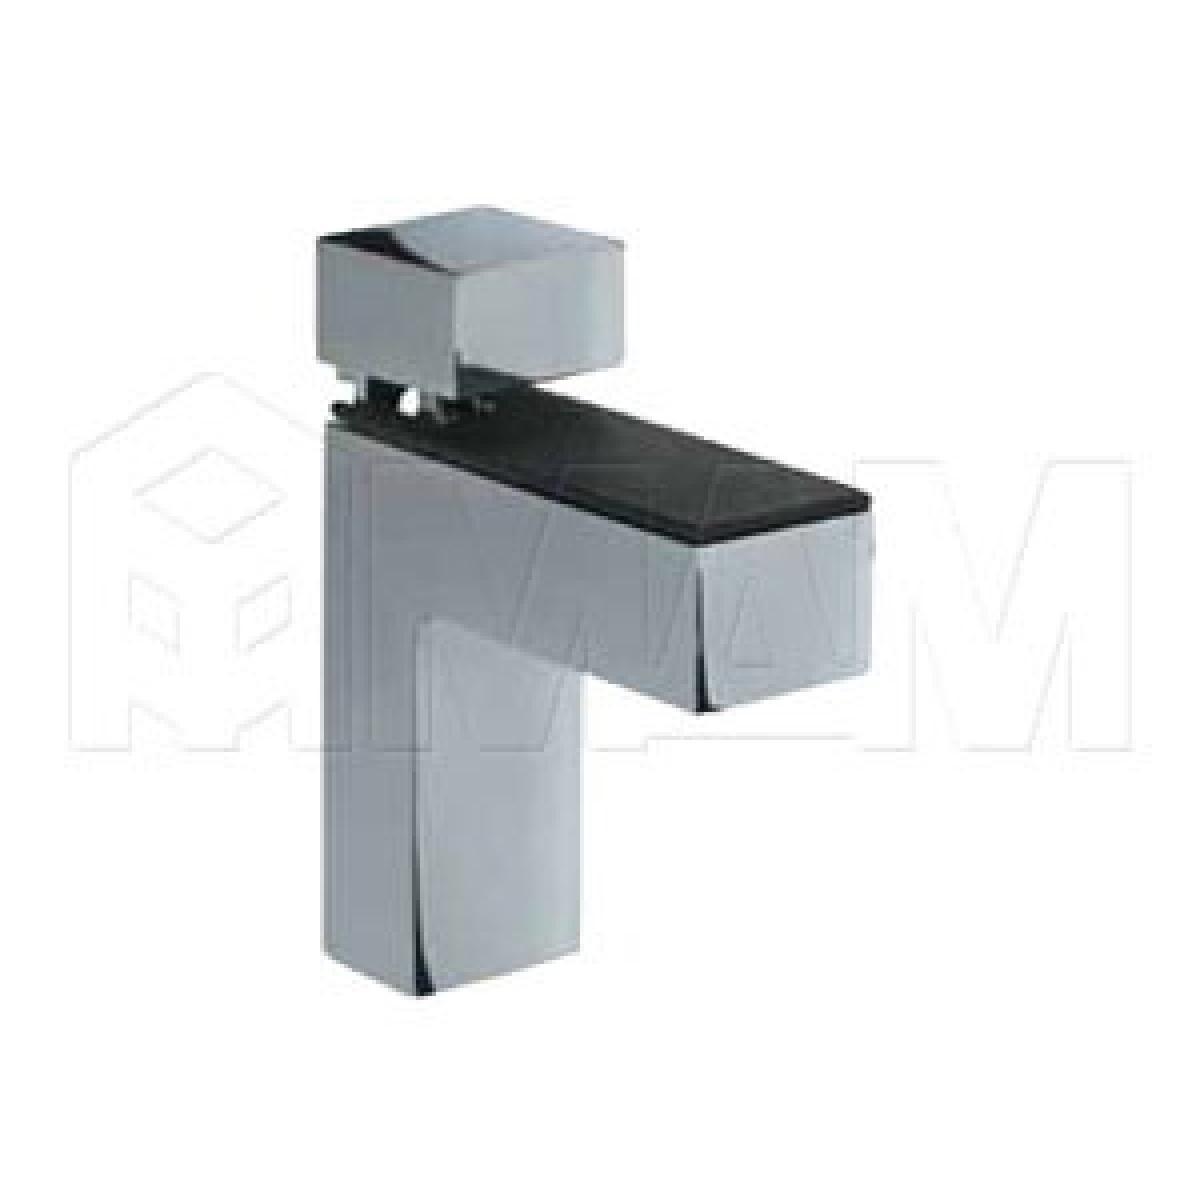 КВАДРО Менсолодержатель 24х66 мм для деревянных и стеклянных полок 4 - 40 мм, хром